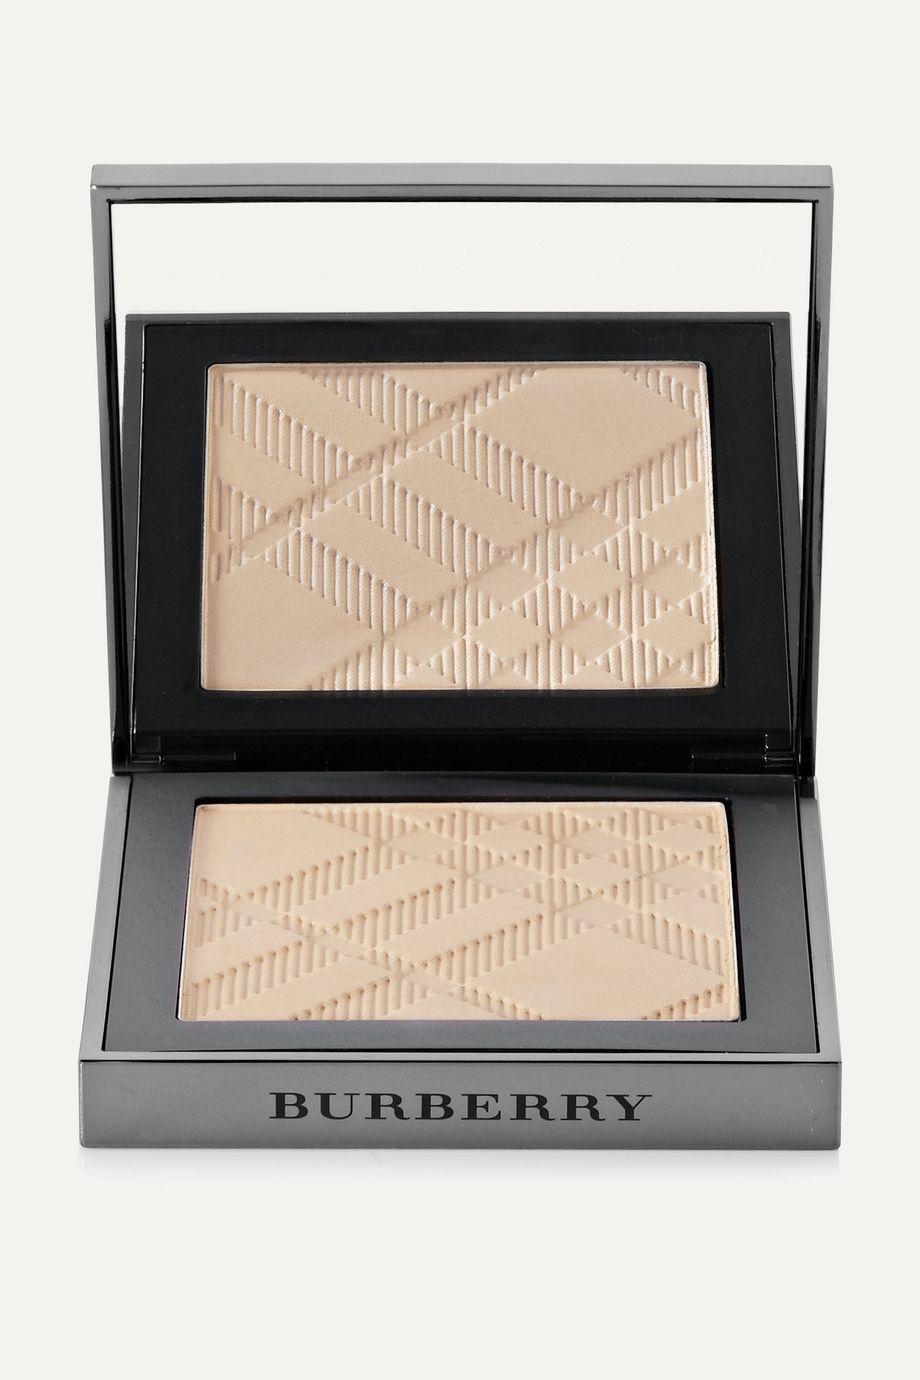 Burberry Beauty Sheer Powder - Porcelain No.01